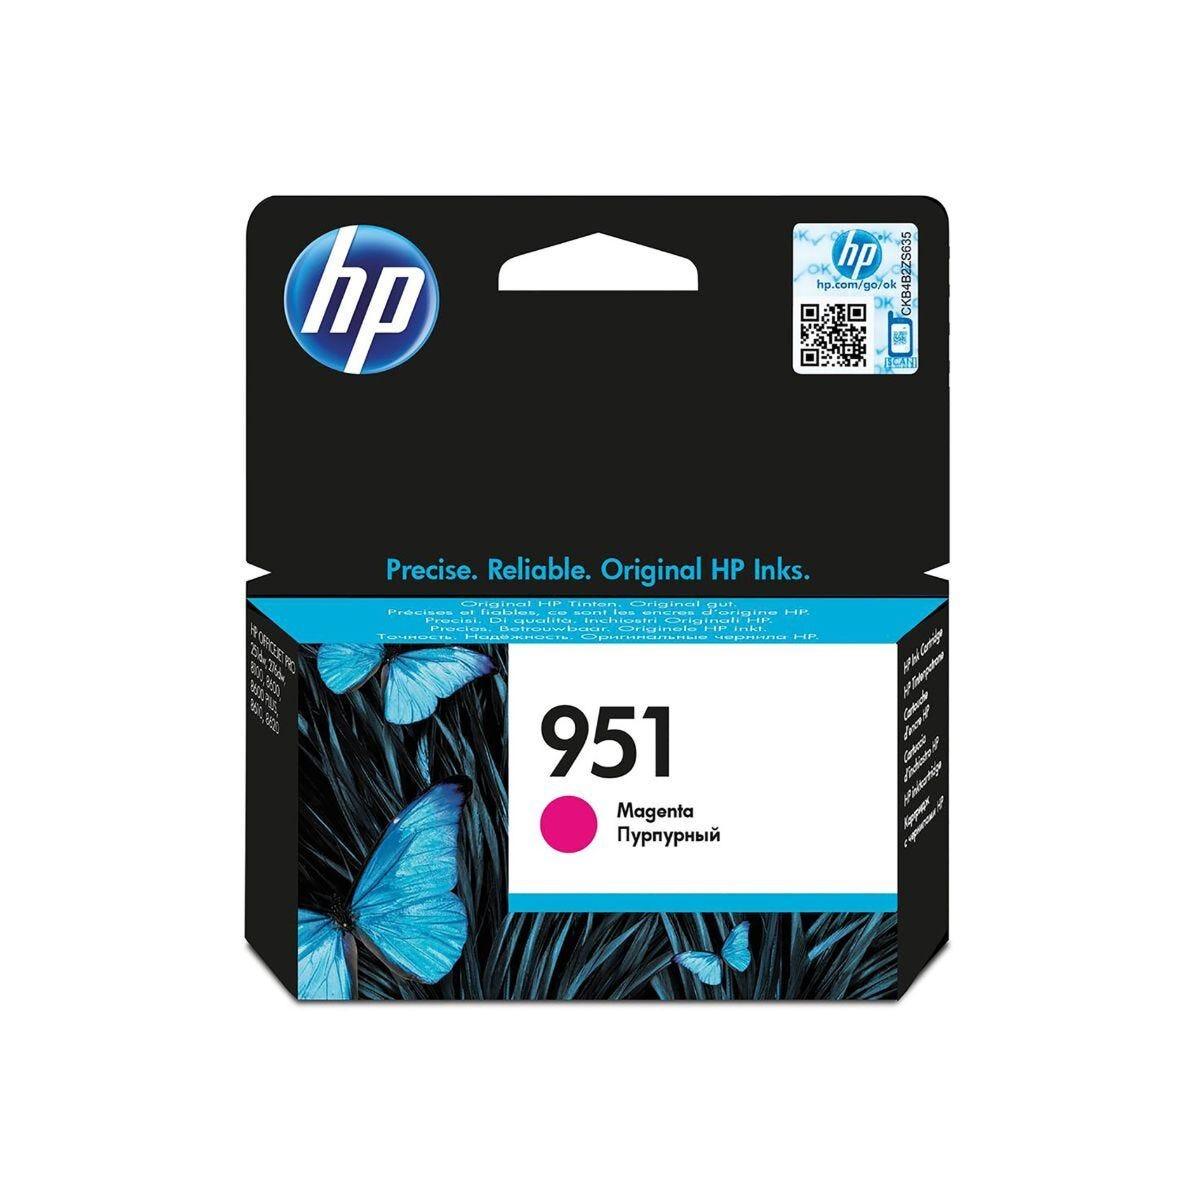 HP 951 Officejet Ink Cartridge Magenta CN051AE